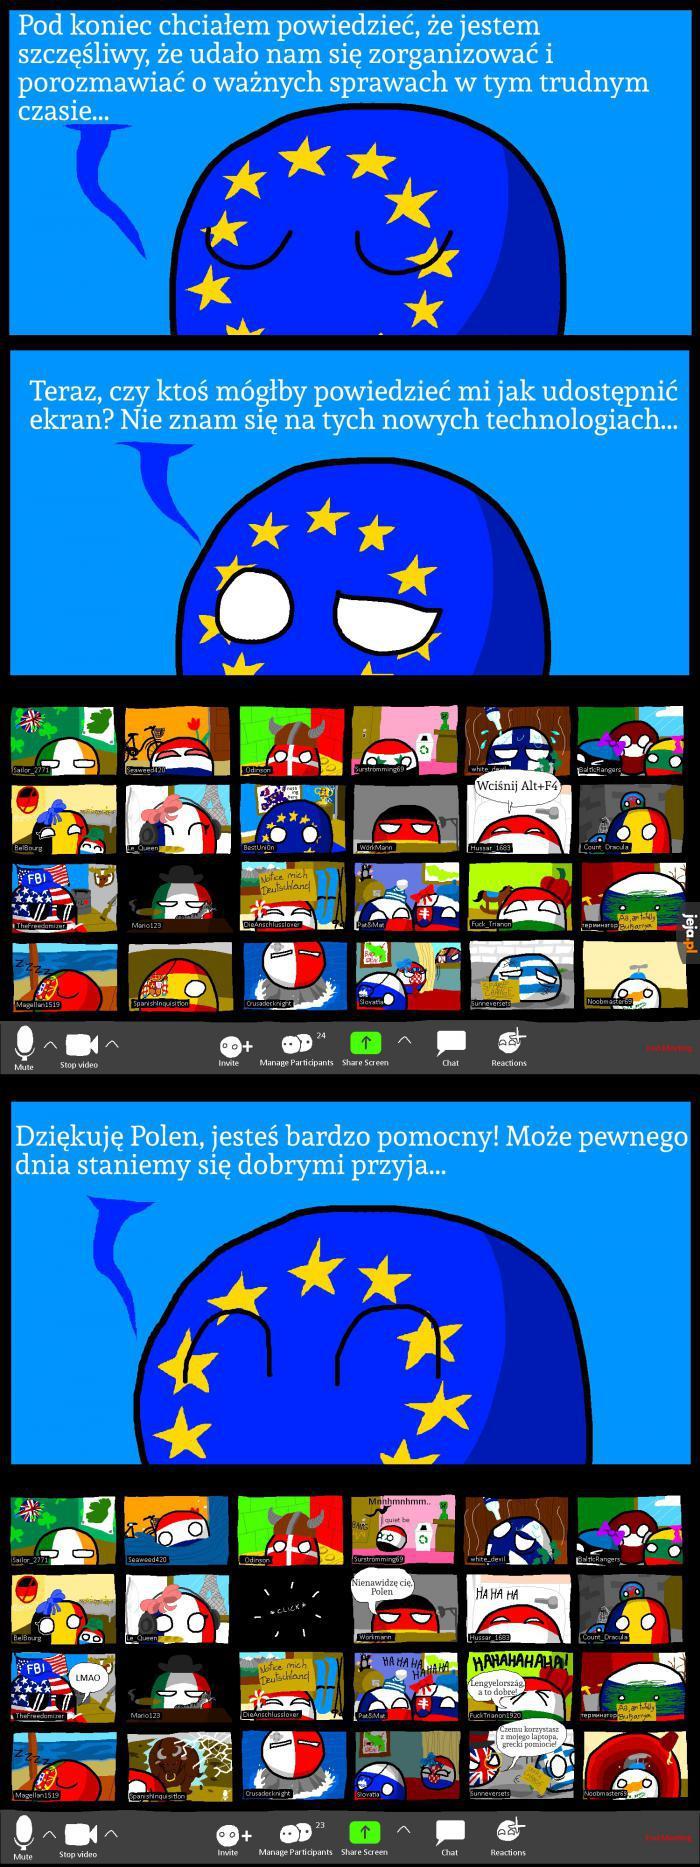 Polska śmieszek